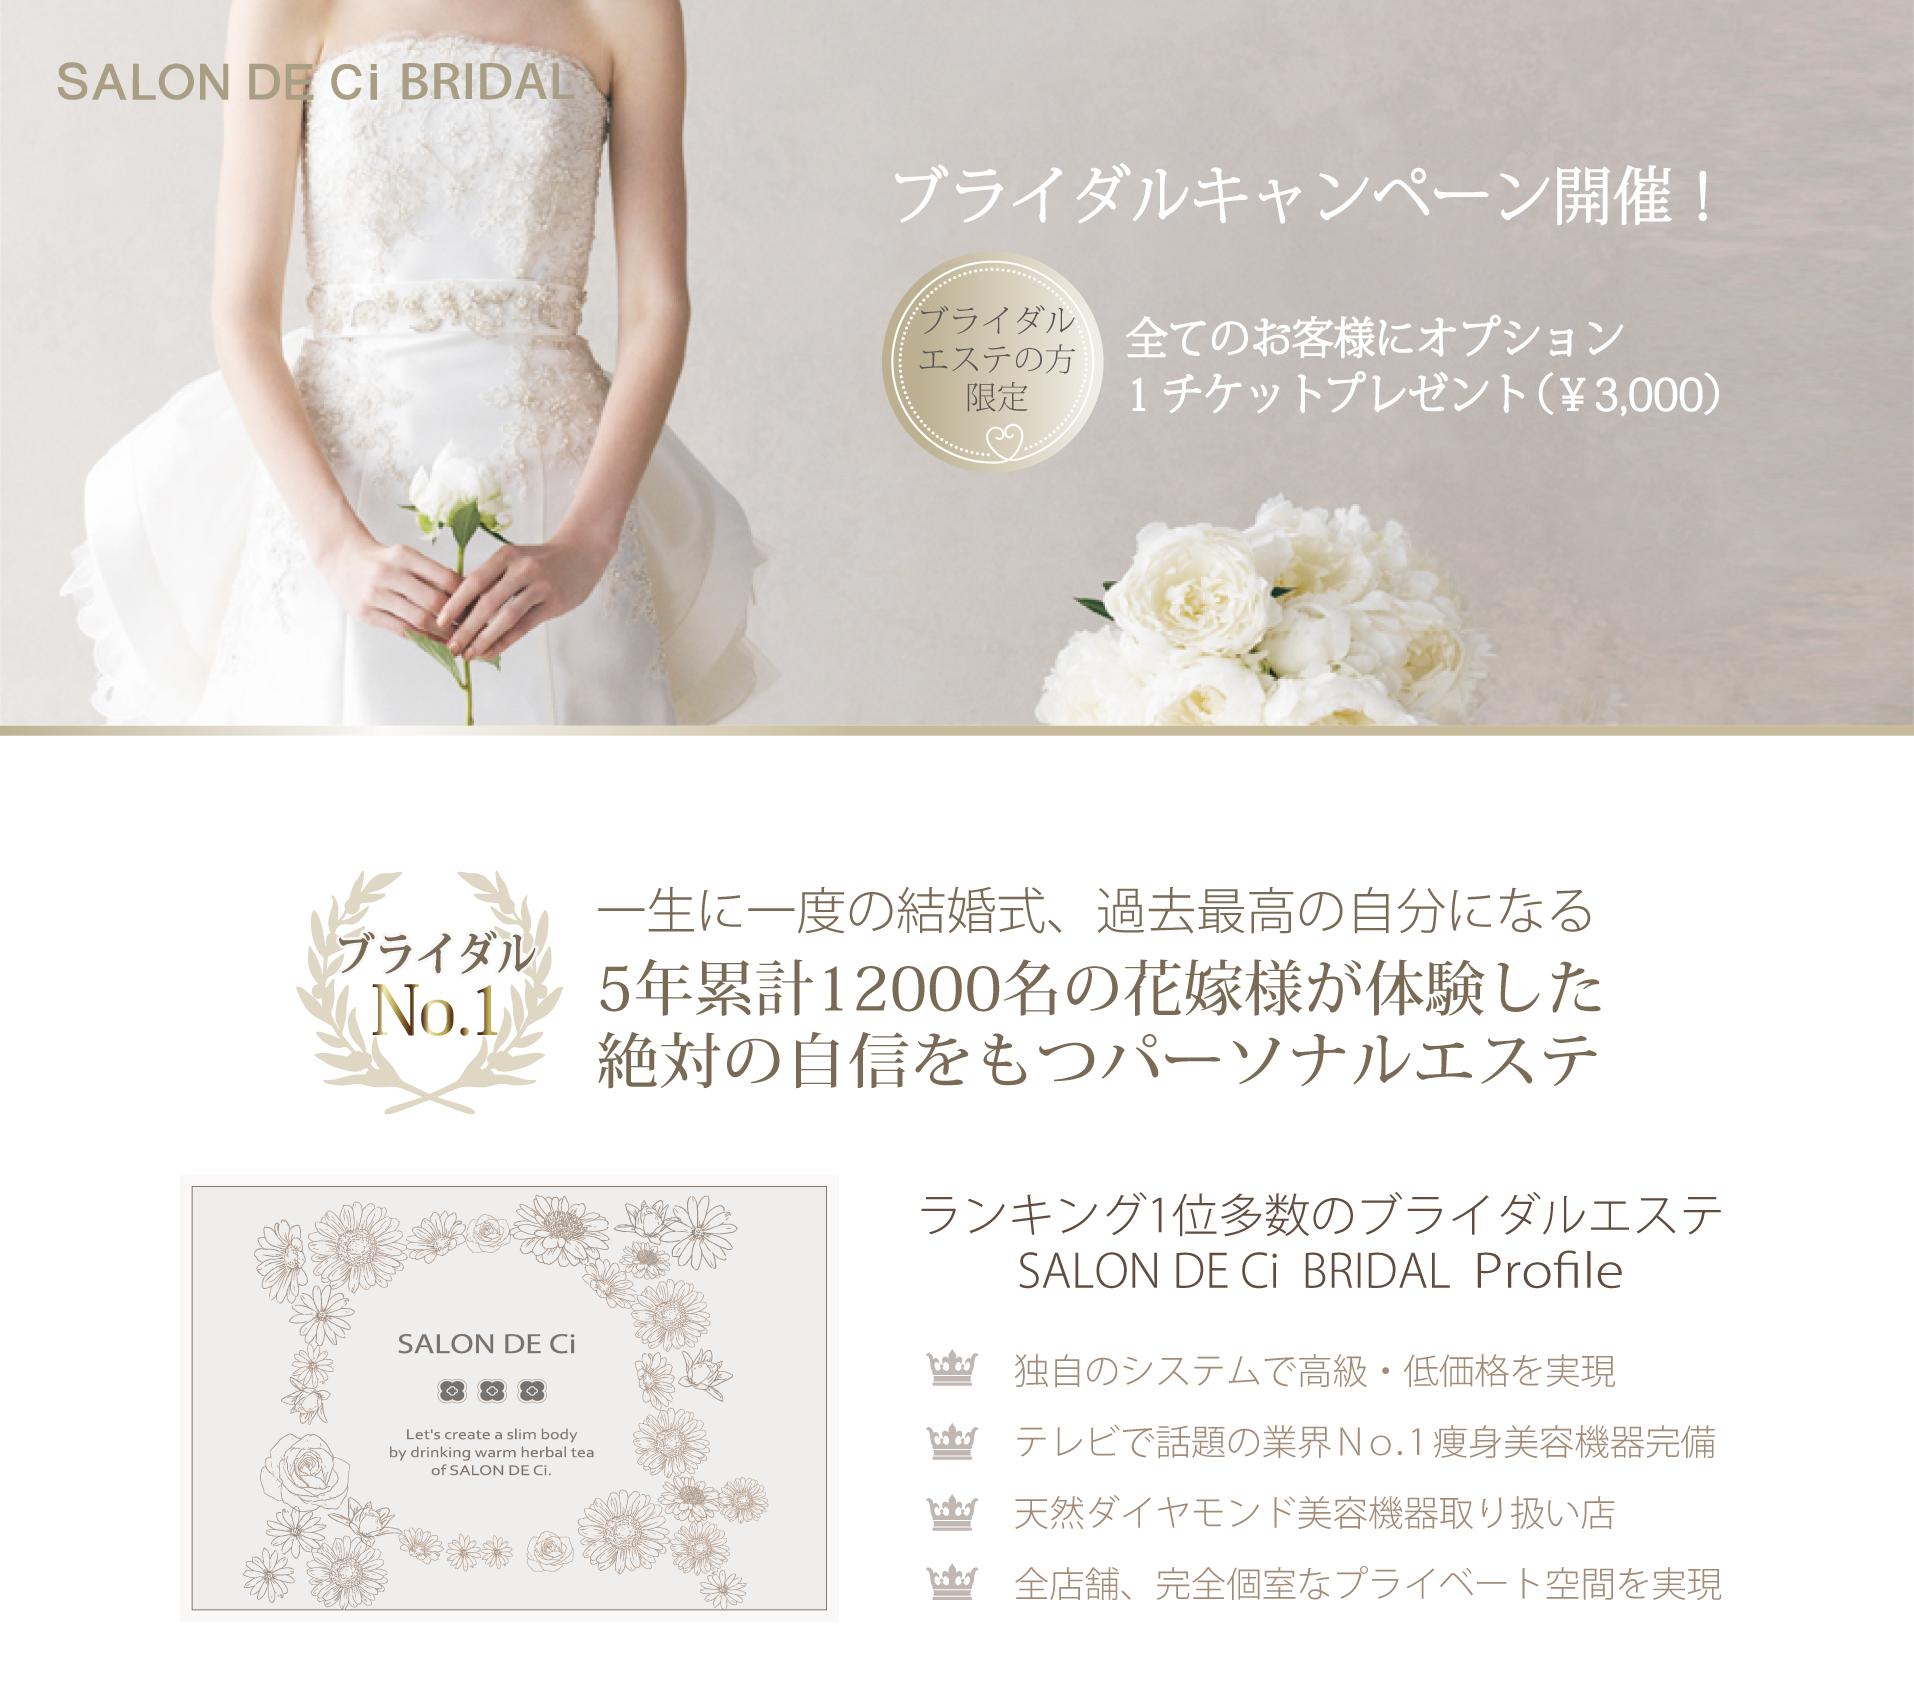 ①ブライダルキャンペーン(新トップ1)